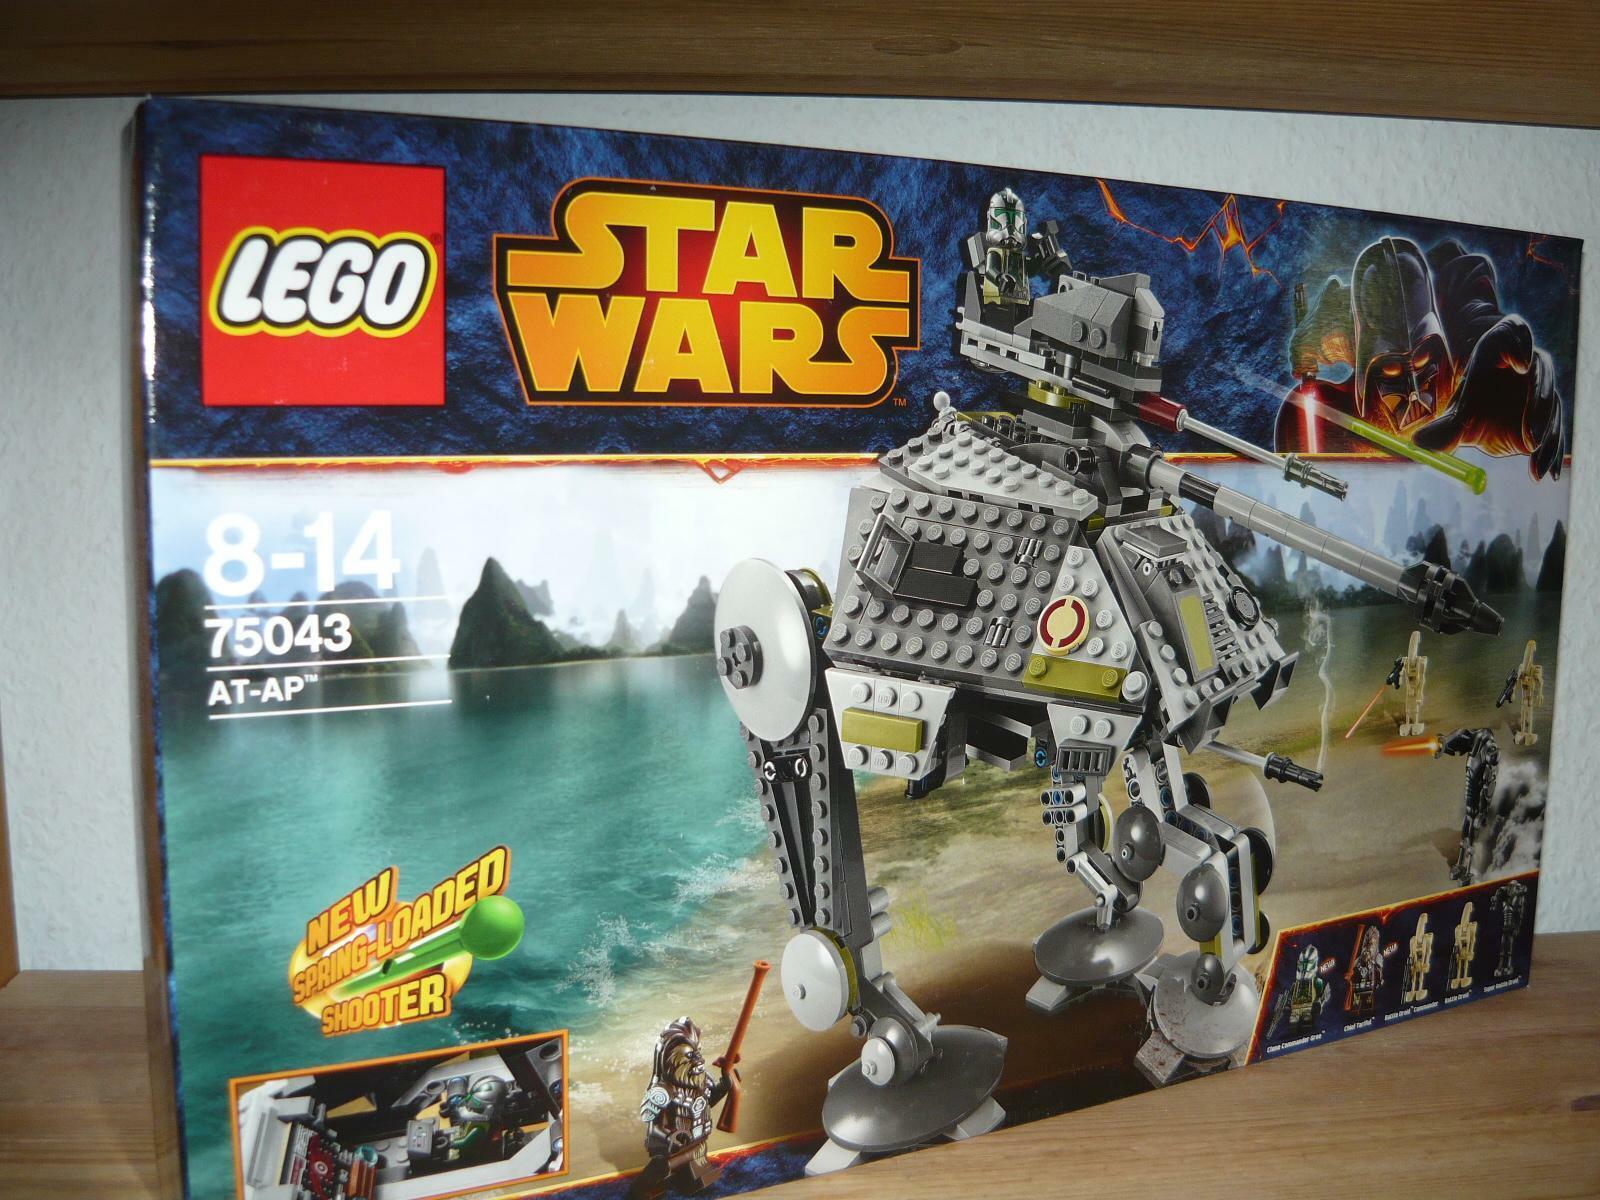 Lego Star  Wars AT-AP 2014+ovp neu -- nouveau --  les dernières marques en ligne